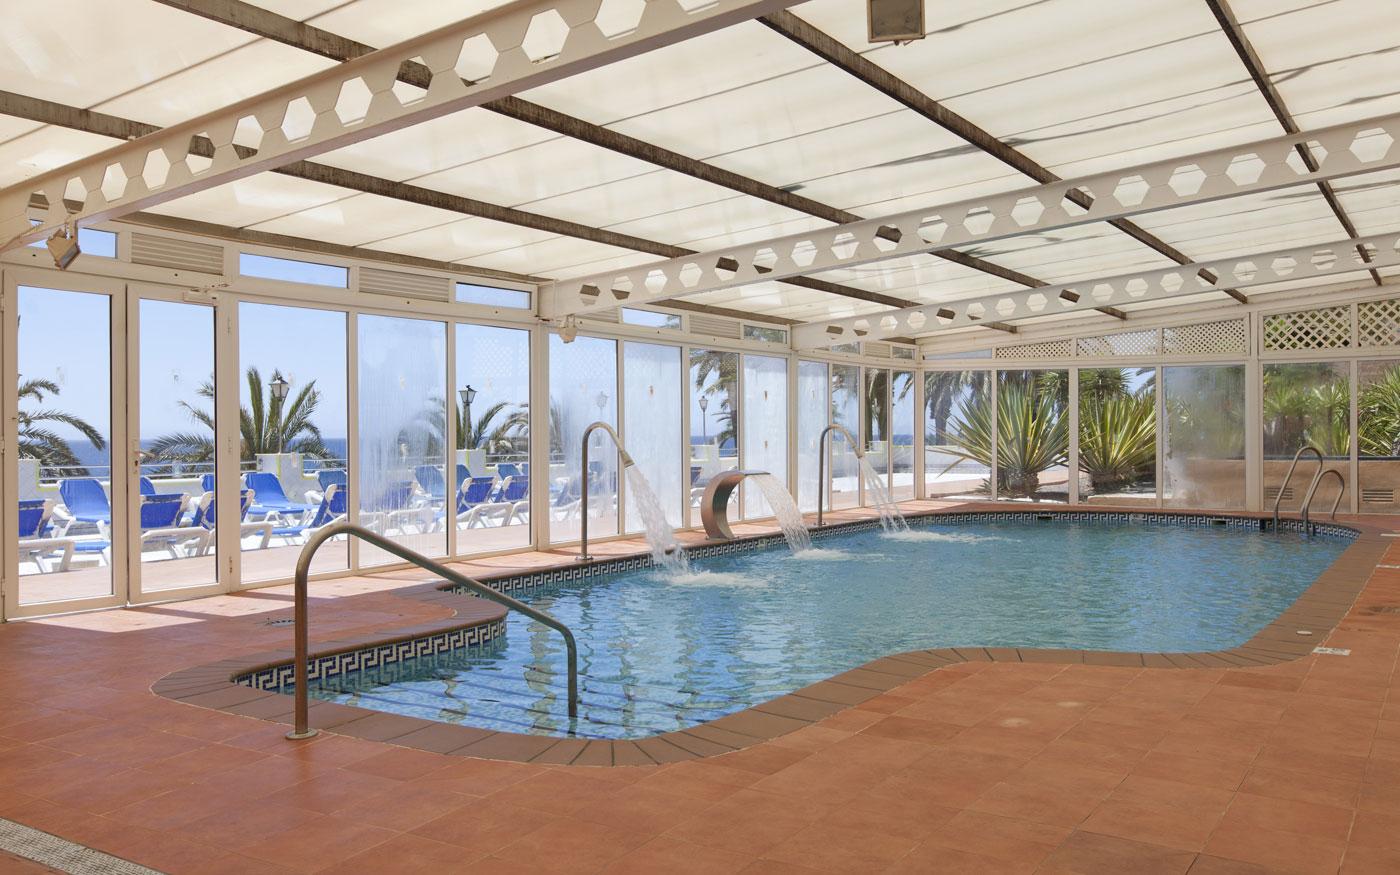 Piscina Cubierta Hotel Playadulce Aguadulce Almeria